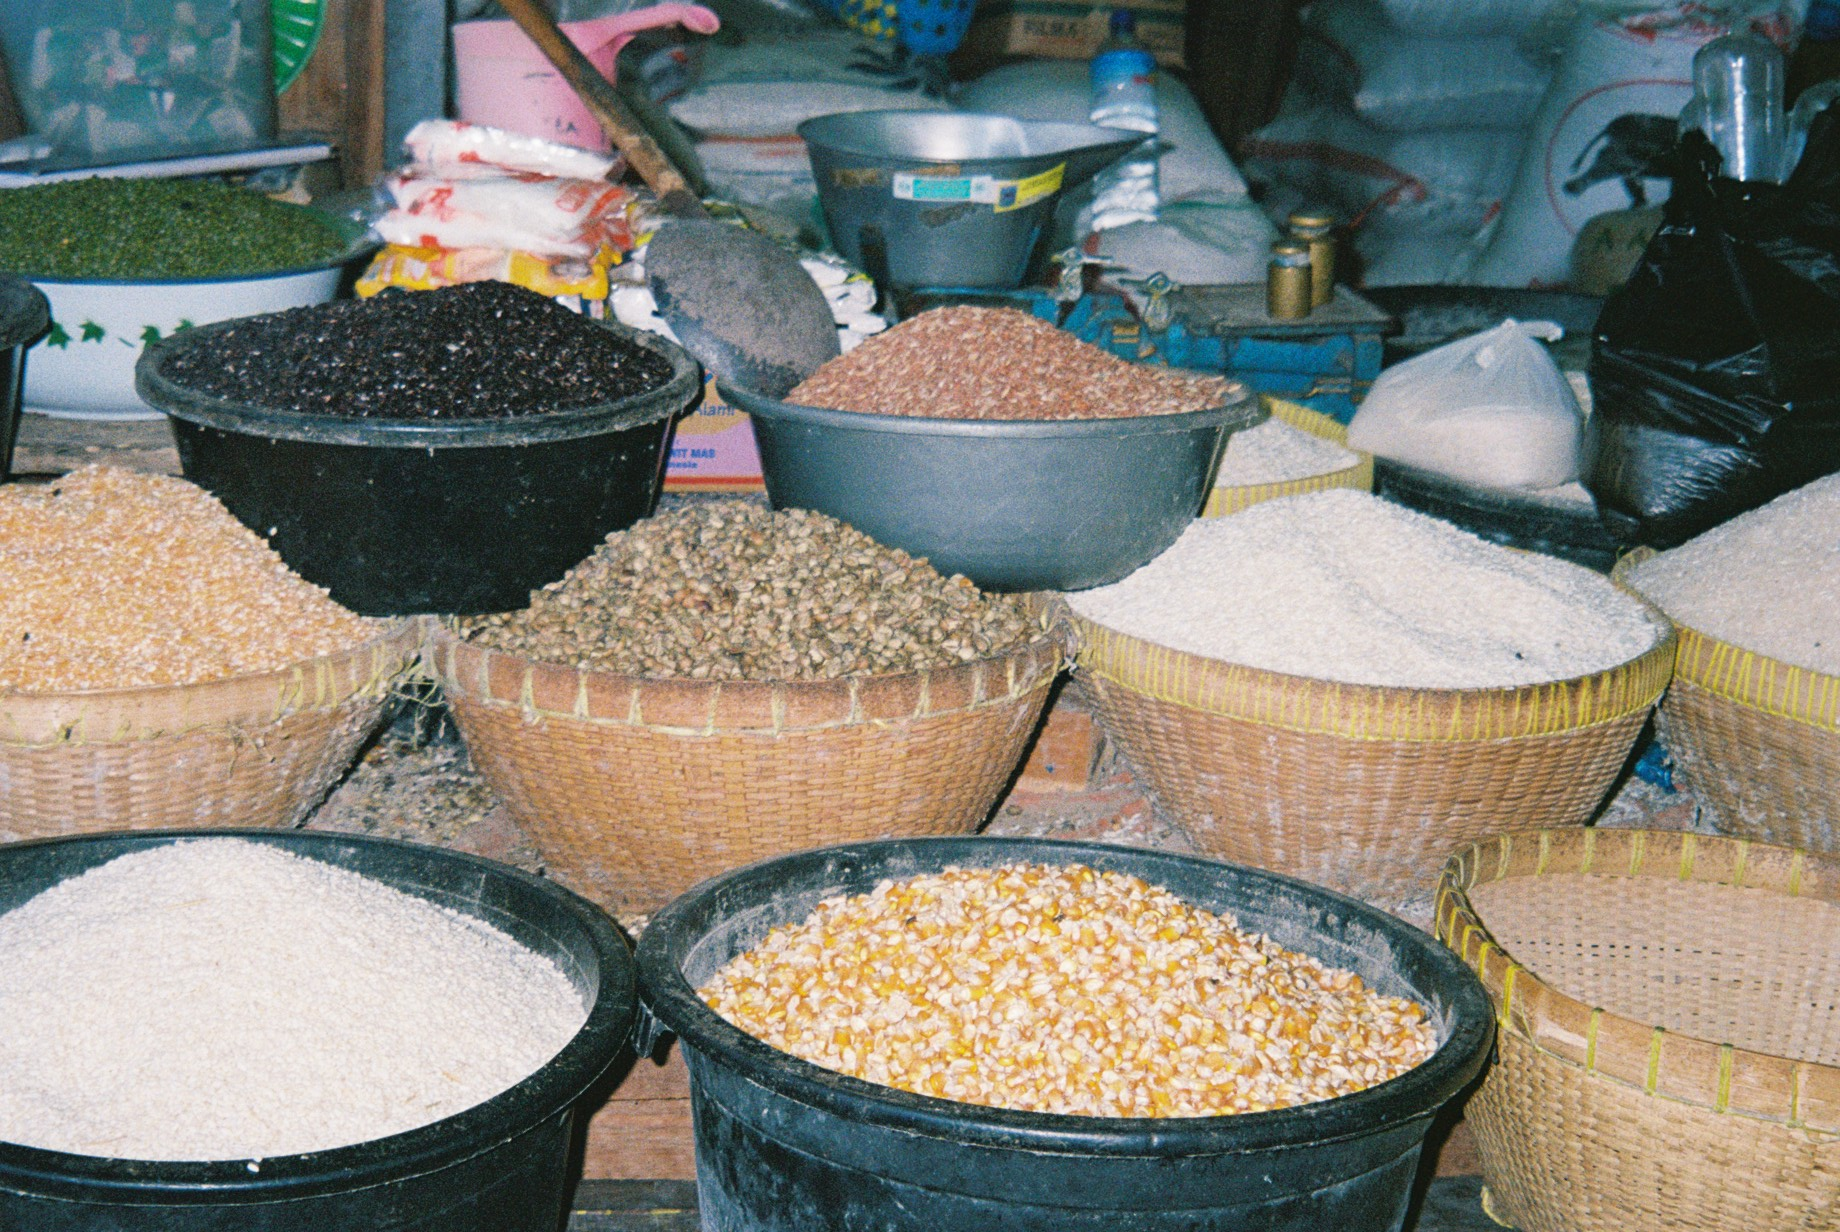 穀類 お米の種類も色々あった。